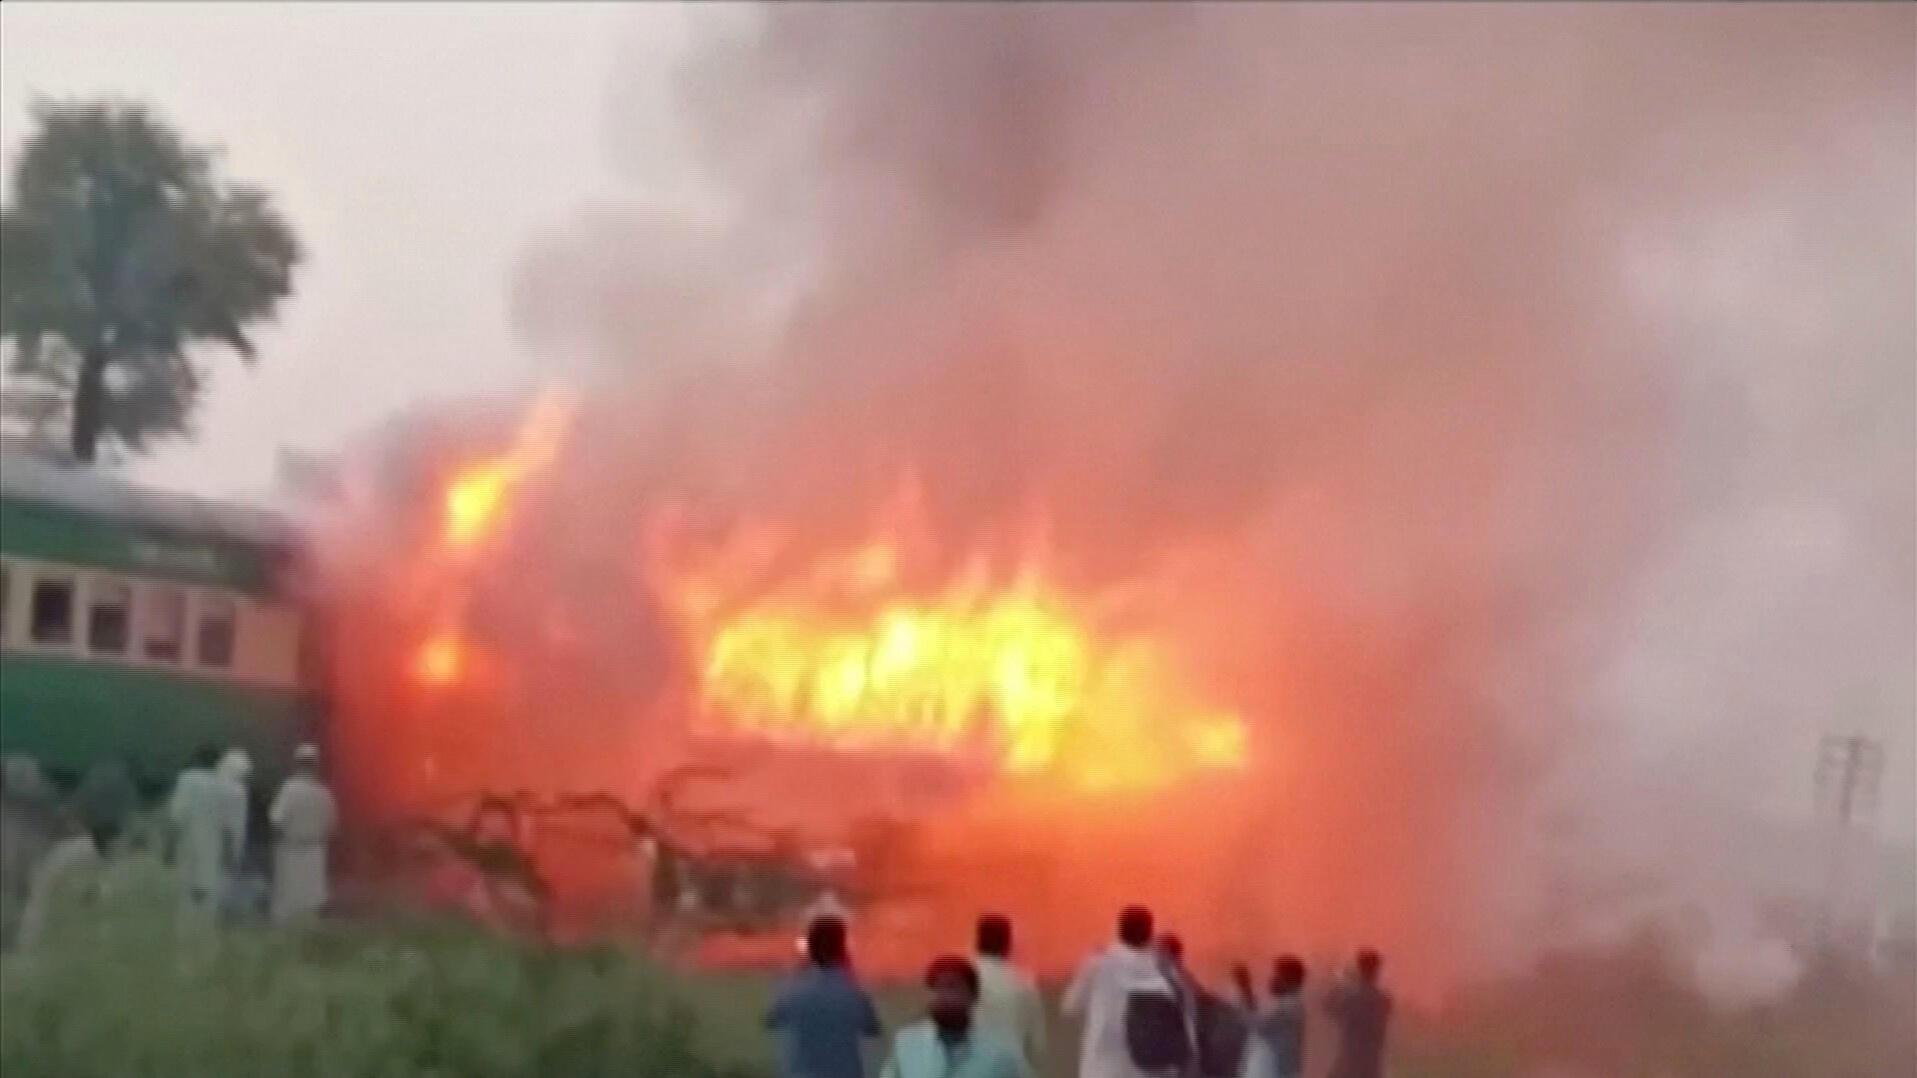 گروهی از مردم برای کمک به خاموش کردن آتش در نزدیکی قطار گردهم آمدند.